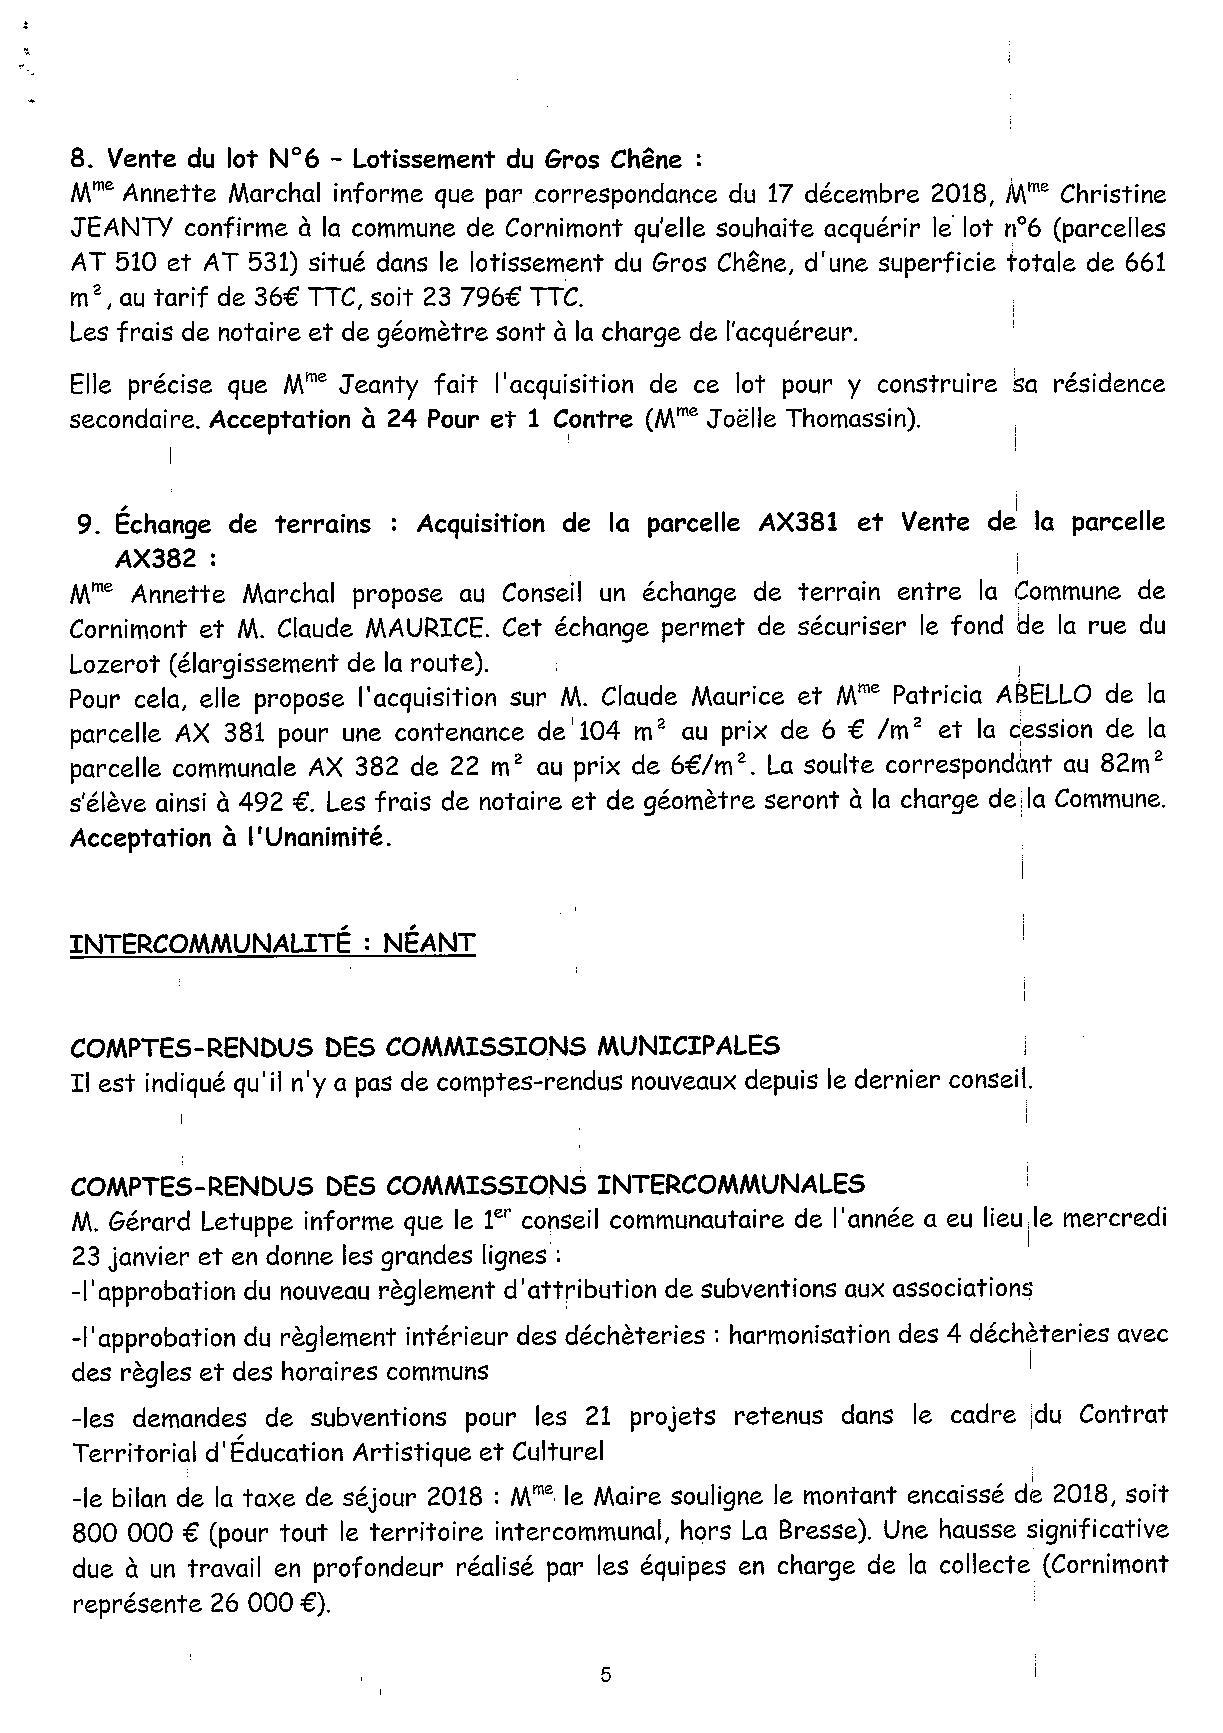 CR CONSEIL MUNICIPAL du 24.01.2019-page-005